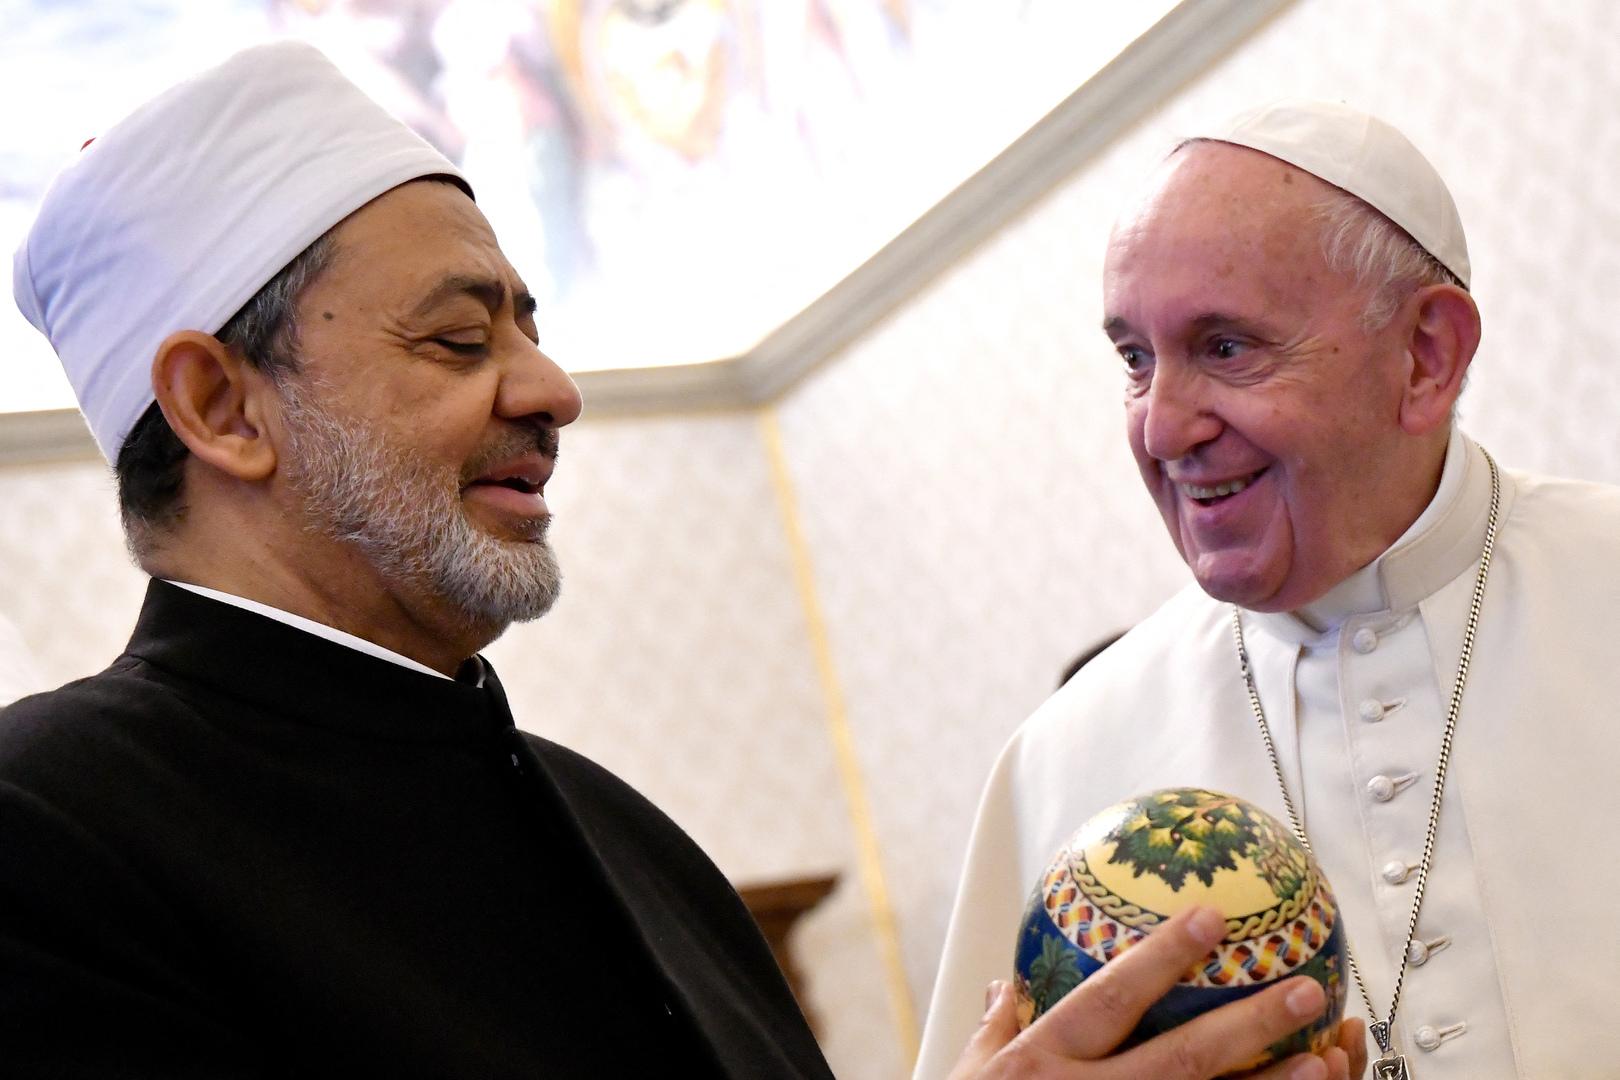 شيخ الأزهر يتمنى الشفاء العاجل لبابا الفاتيكان